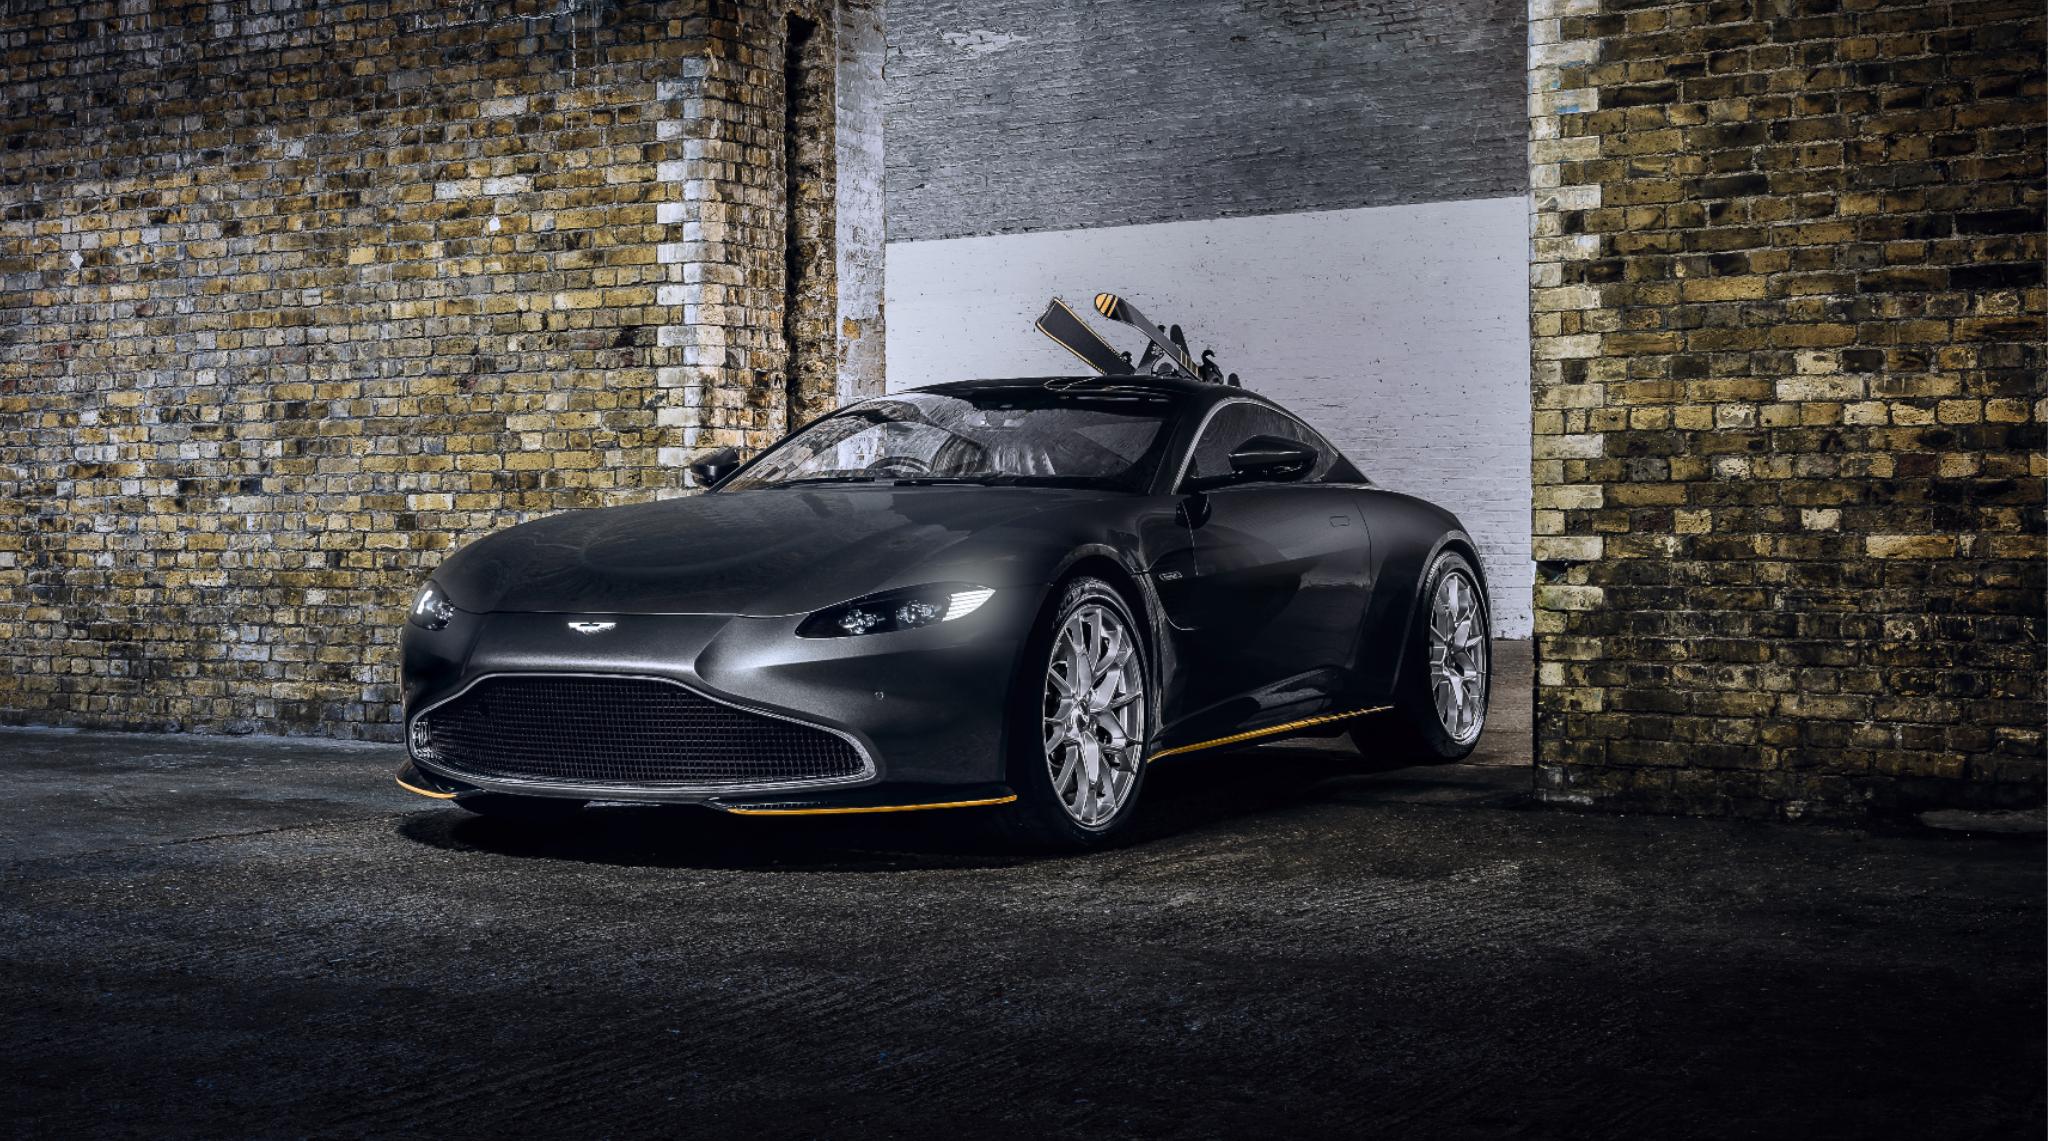 007 Aston Martin Vantage